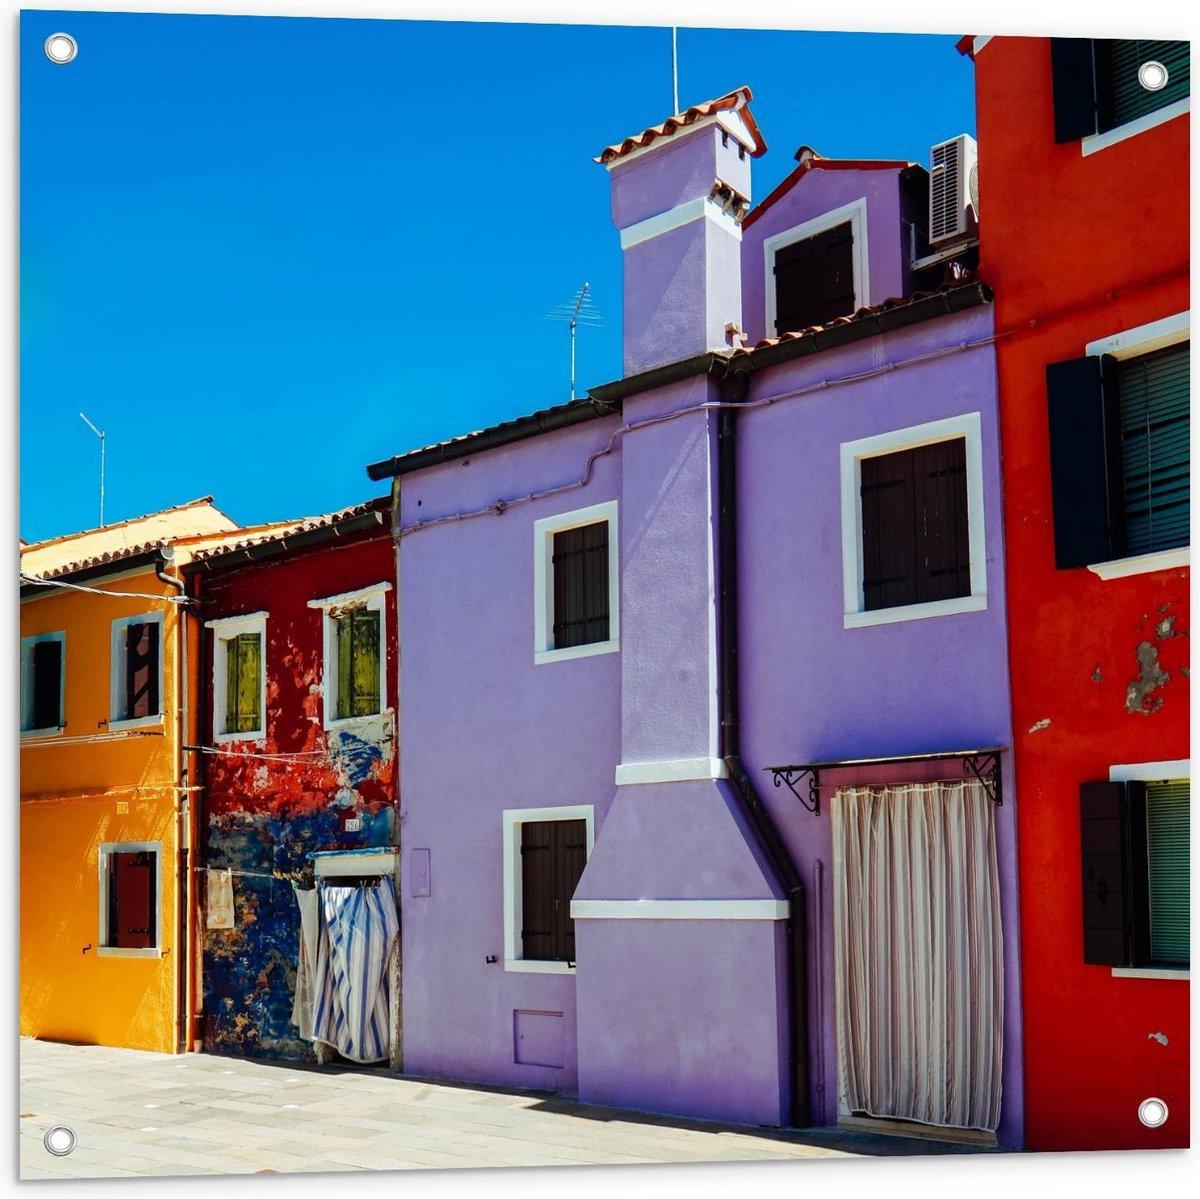 Tuinposter – Gekleurde Gebouwen op Rij - 80x80cm Foto op Tuinposter  (wanddecoratie voor buiten en binnen)